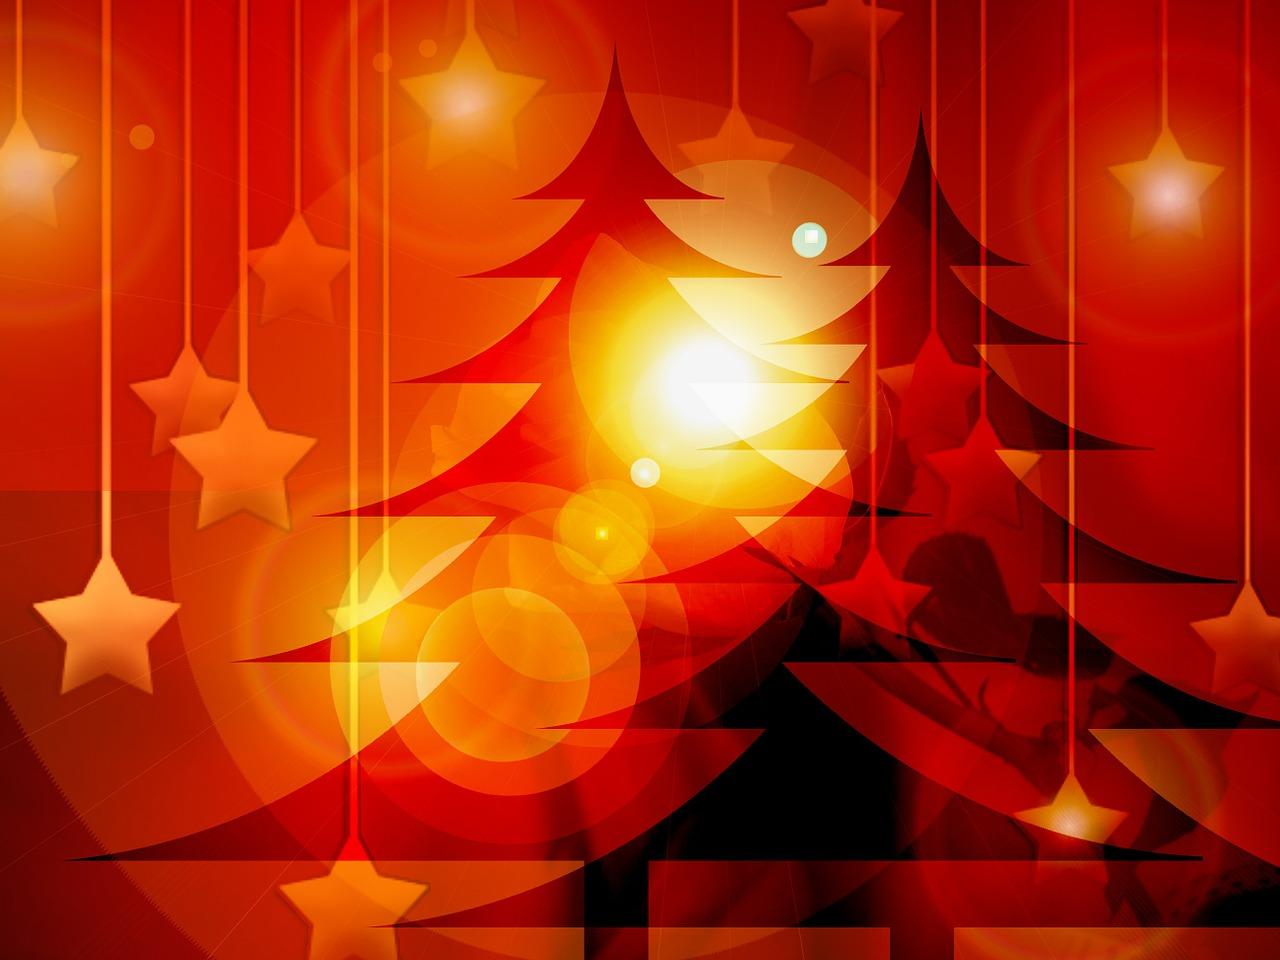 Porządki przed Bożym Narodzeniem. Sprzątanie przedświąteczne – porządki domowe